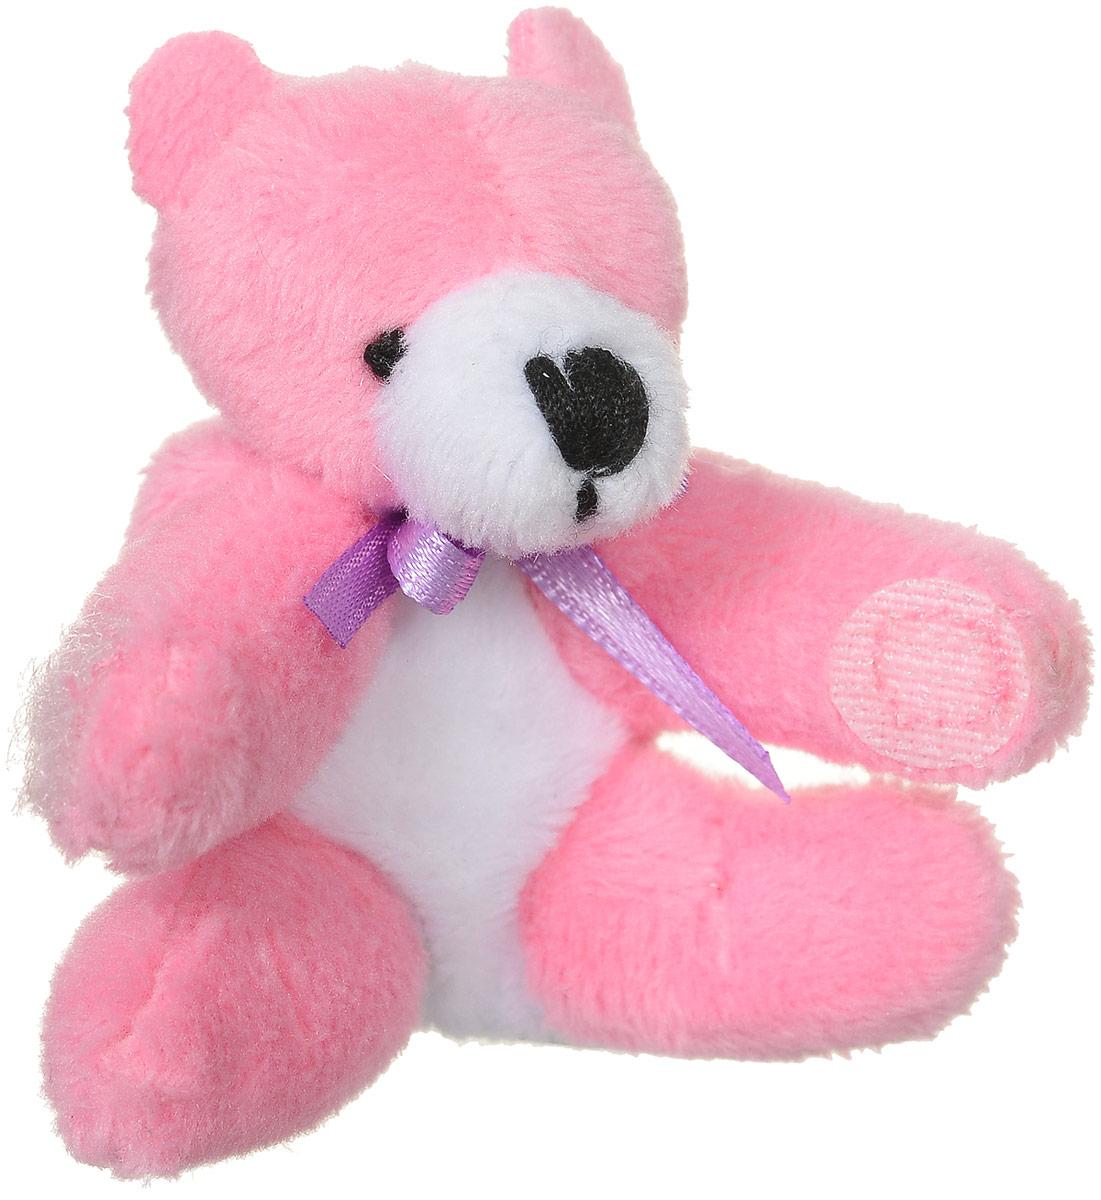 Beanzees Мягкая игрушка Мишка Boomer 5 смB31001_розовый мишкаОчаровательная мягкая игрушка Beanzees Мишка Boomer подарит своей владелице море позитивных эмоций. Мягкие игрушки Beanzees - это крошечные плюшевые животные. На передних лапках игрушек расположены маленькие липучки. С помощью этих липучек можно скреплять игрушки в браслеты и ожерелья или просто украсить комнату гирляндой из них. Игрушку можно повесить на сумку, или украсить ею карандаш или ручку. Животики фигурок заполнены гранулами, что делает их очень приятными на ощупь, развивает тактильные ощущения и помогает снять эмоциональное напряжение.